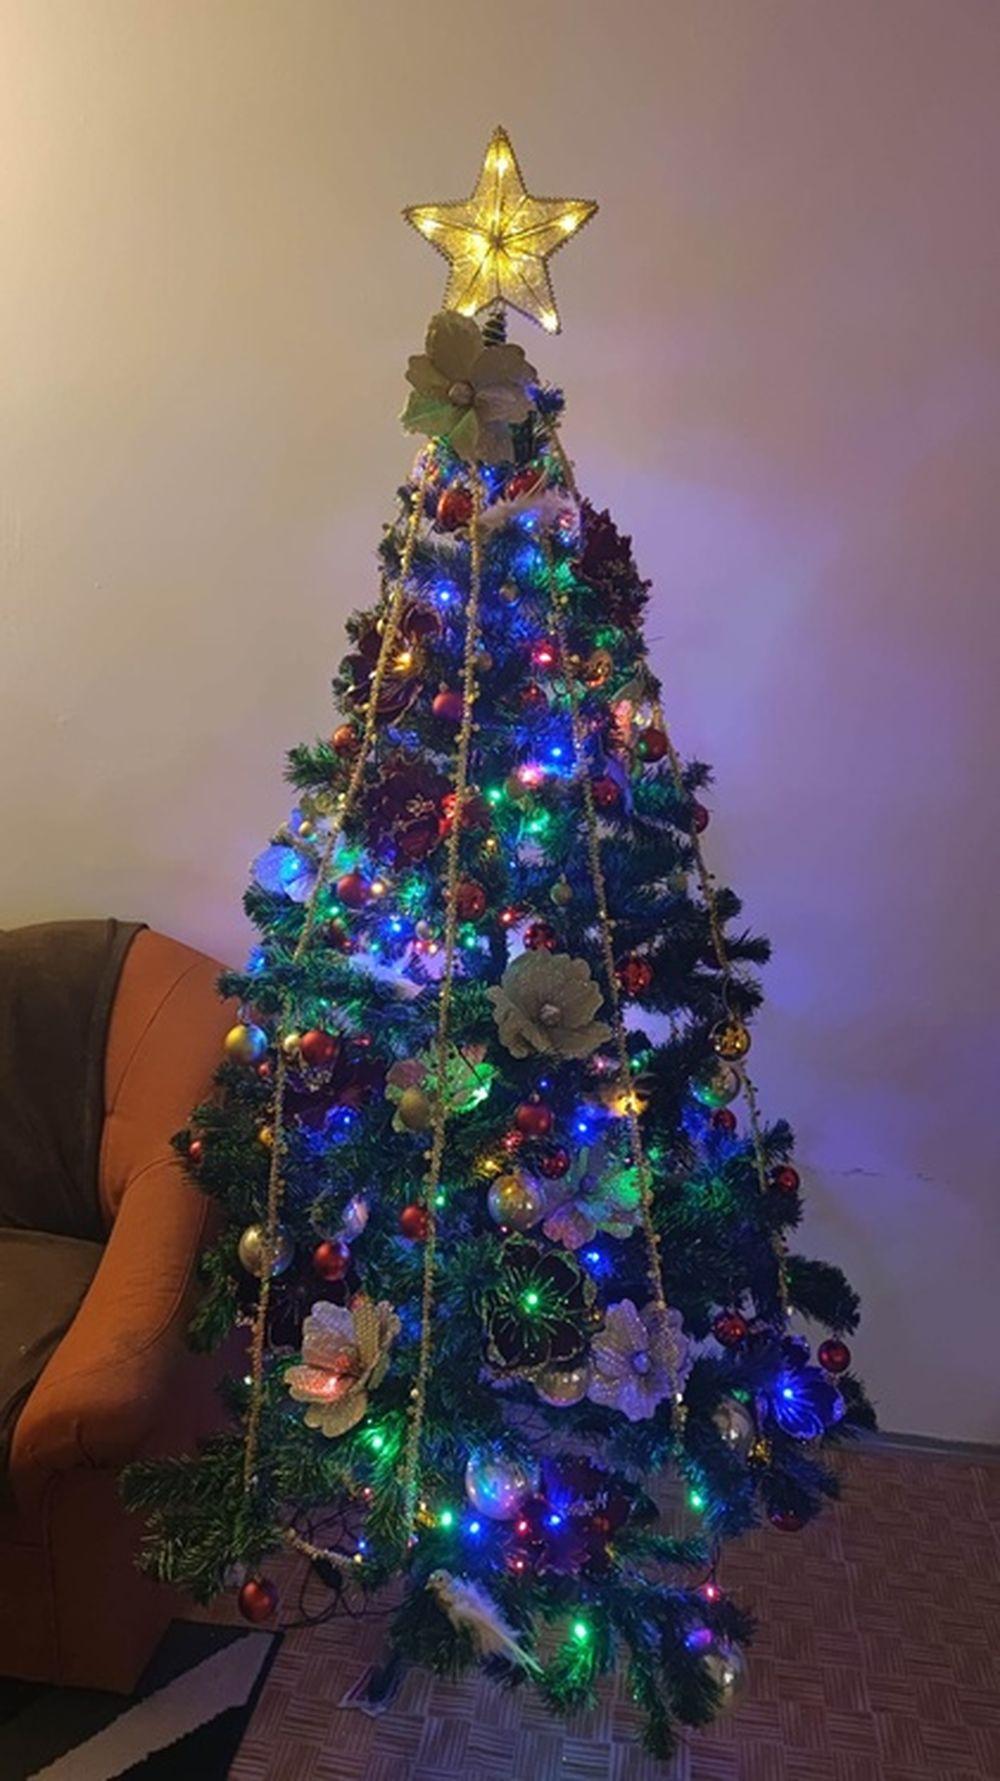 FOTO: Vianočné stromčeky v Žiline - výber fotografií našich čitateľov, foto 63